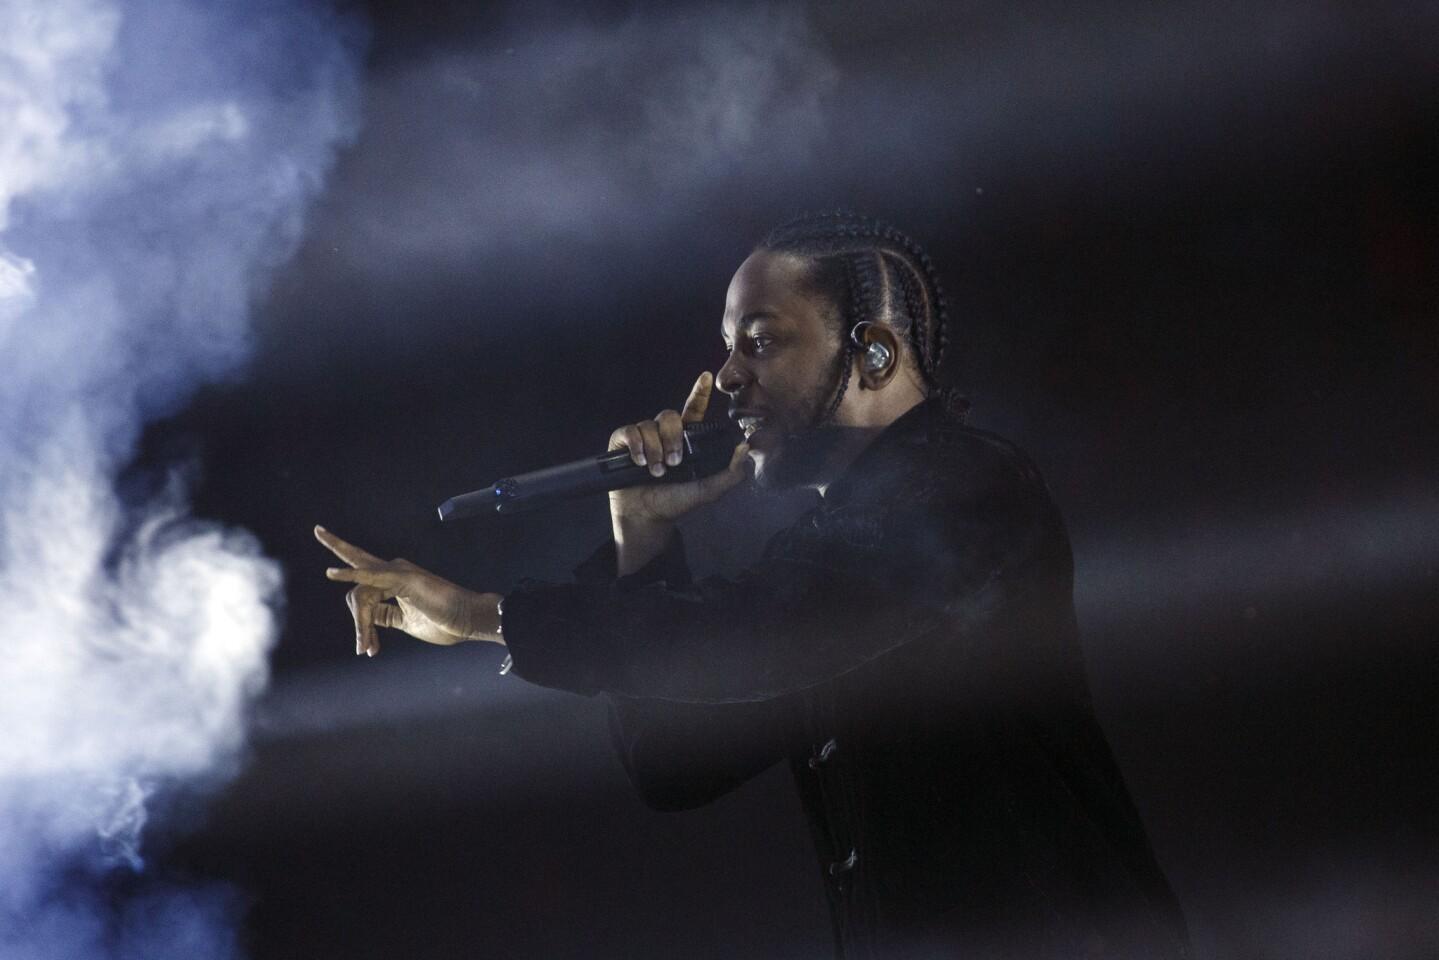 Hip-hop artist Kendrick Lamar performs at Coachella.